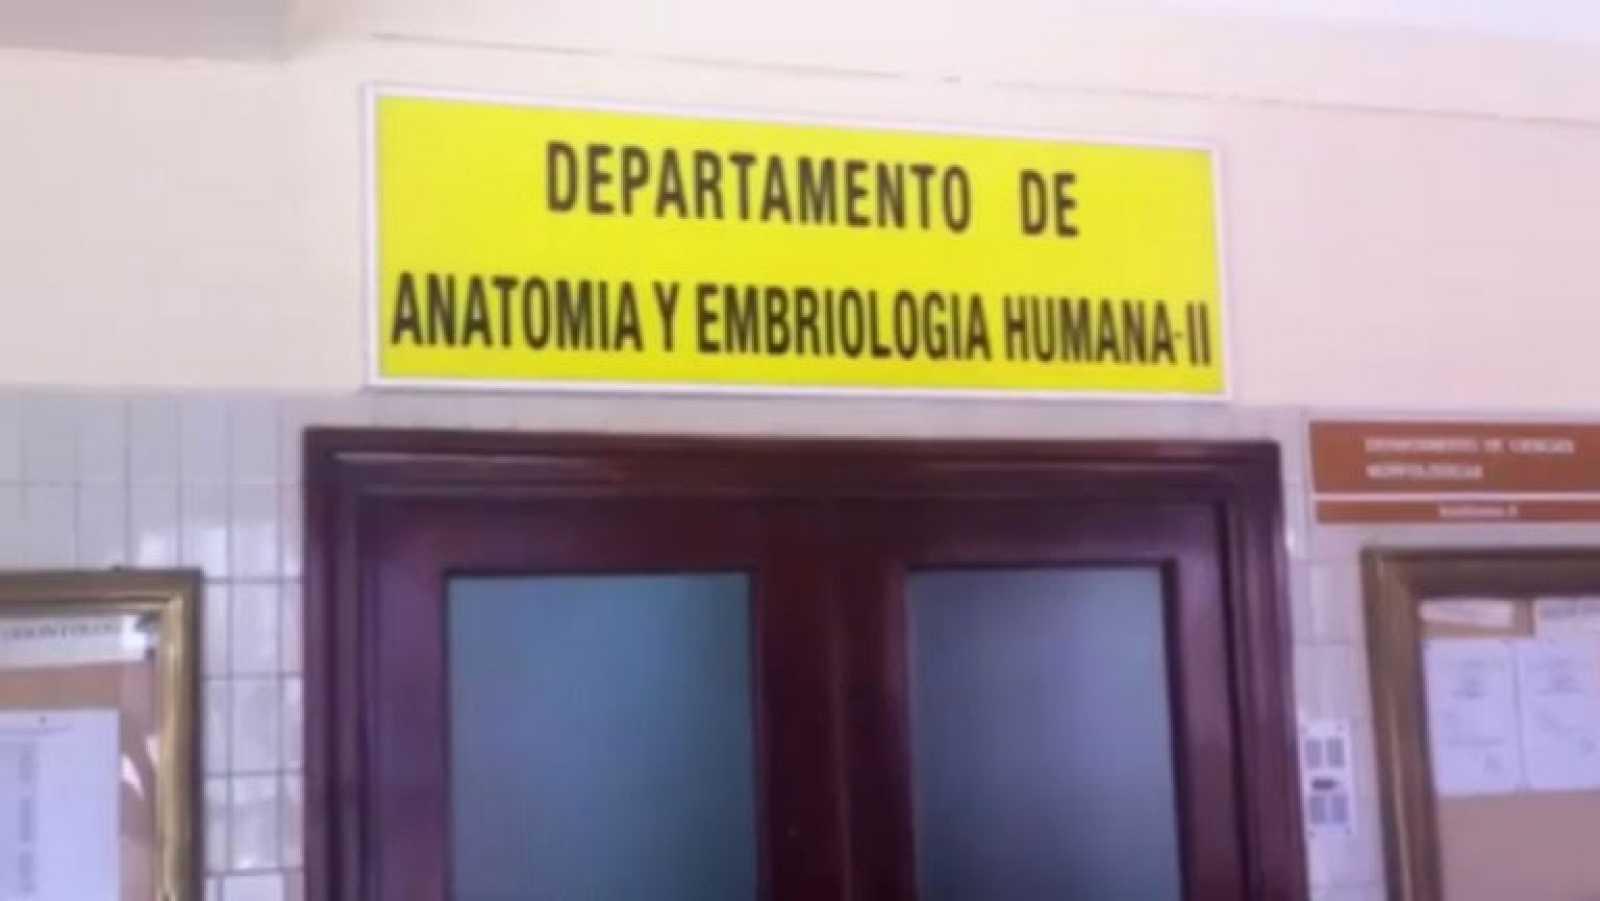 El aumento de la donación de cuerpos empieza a saturar algunas universidades